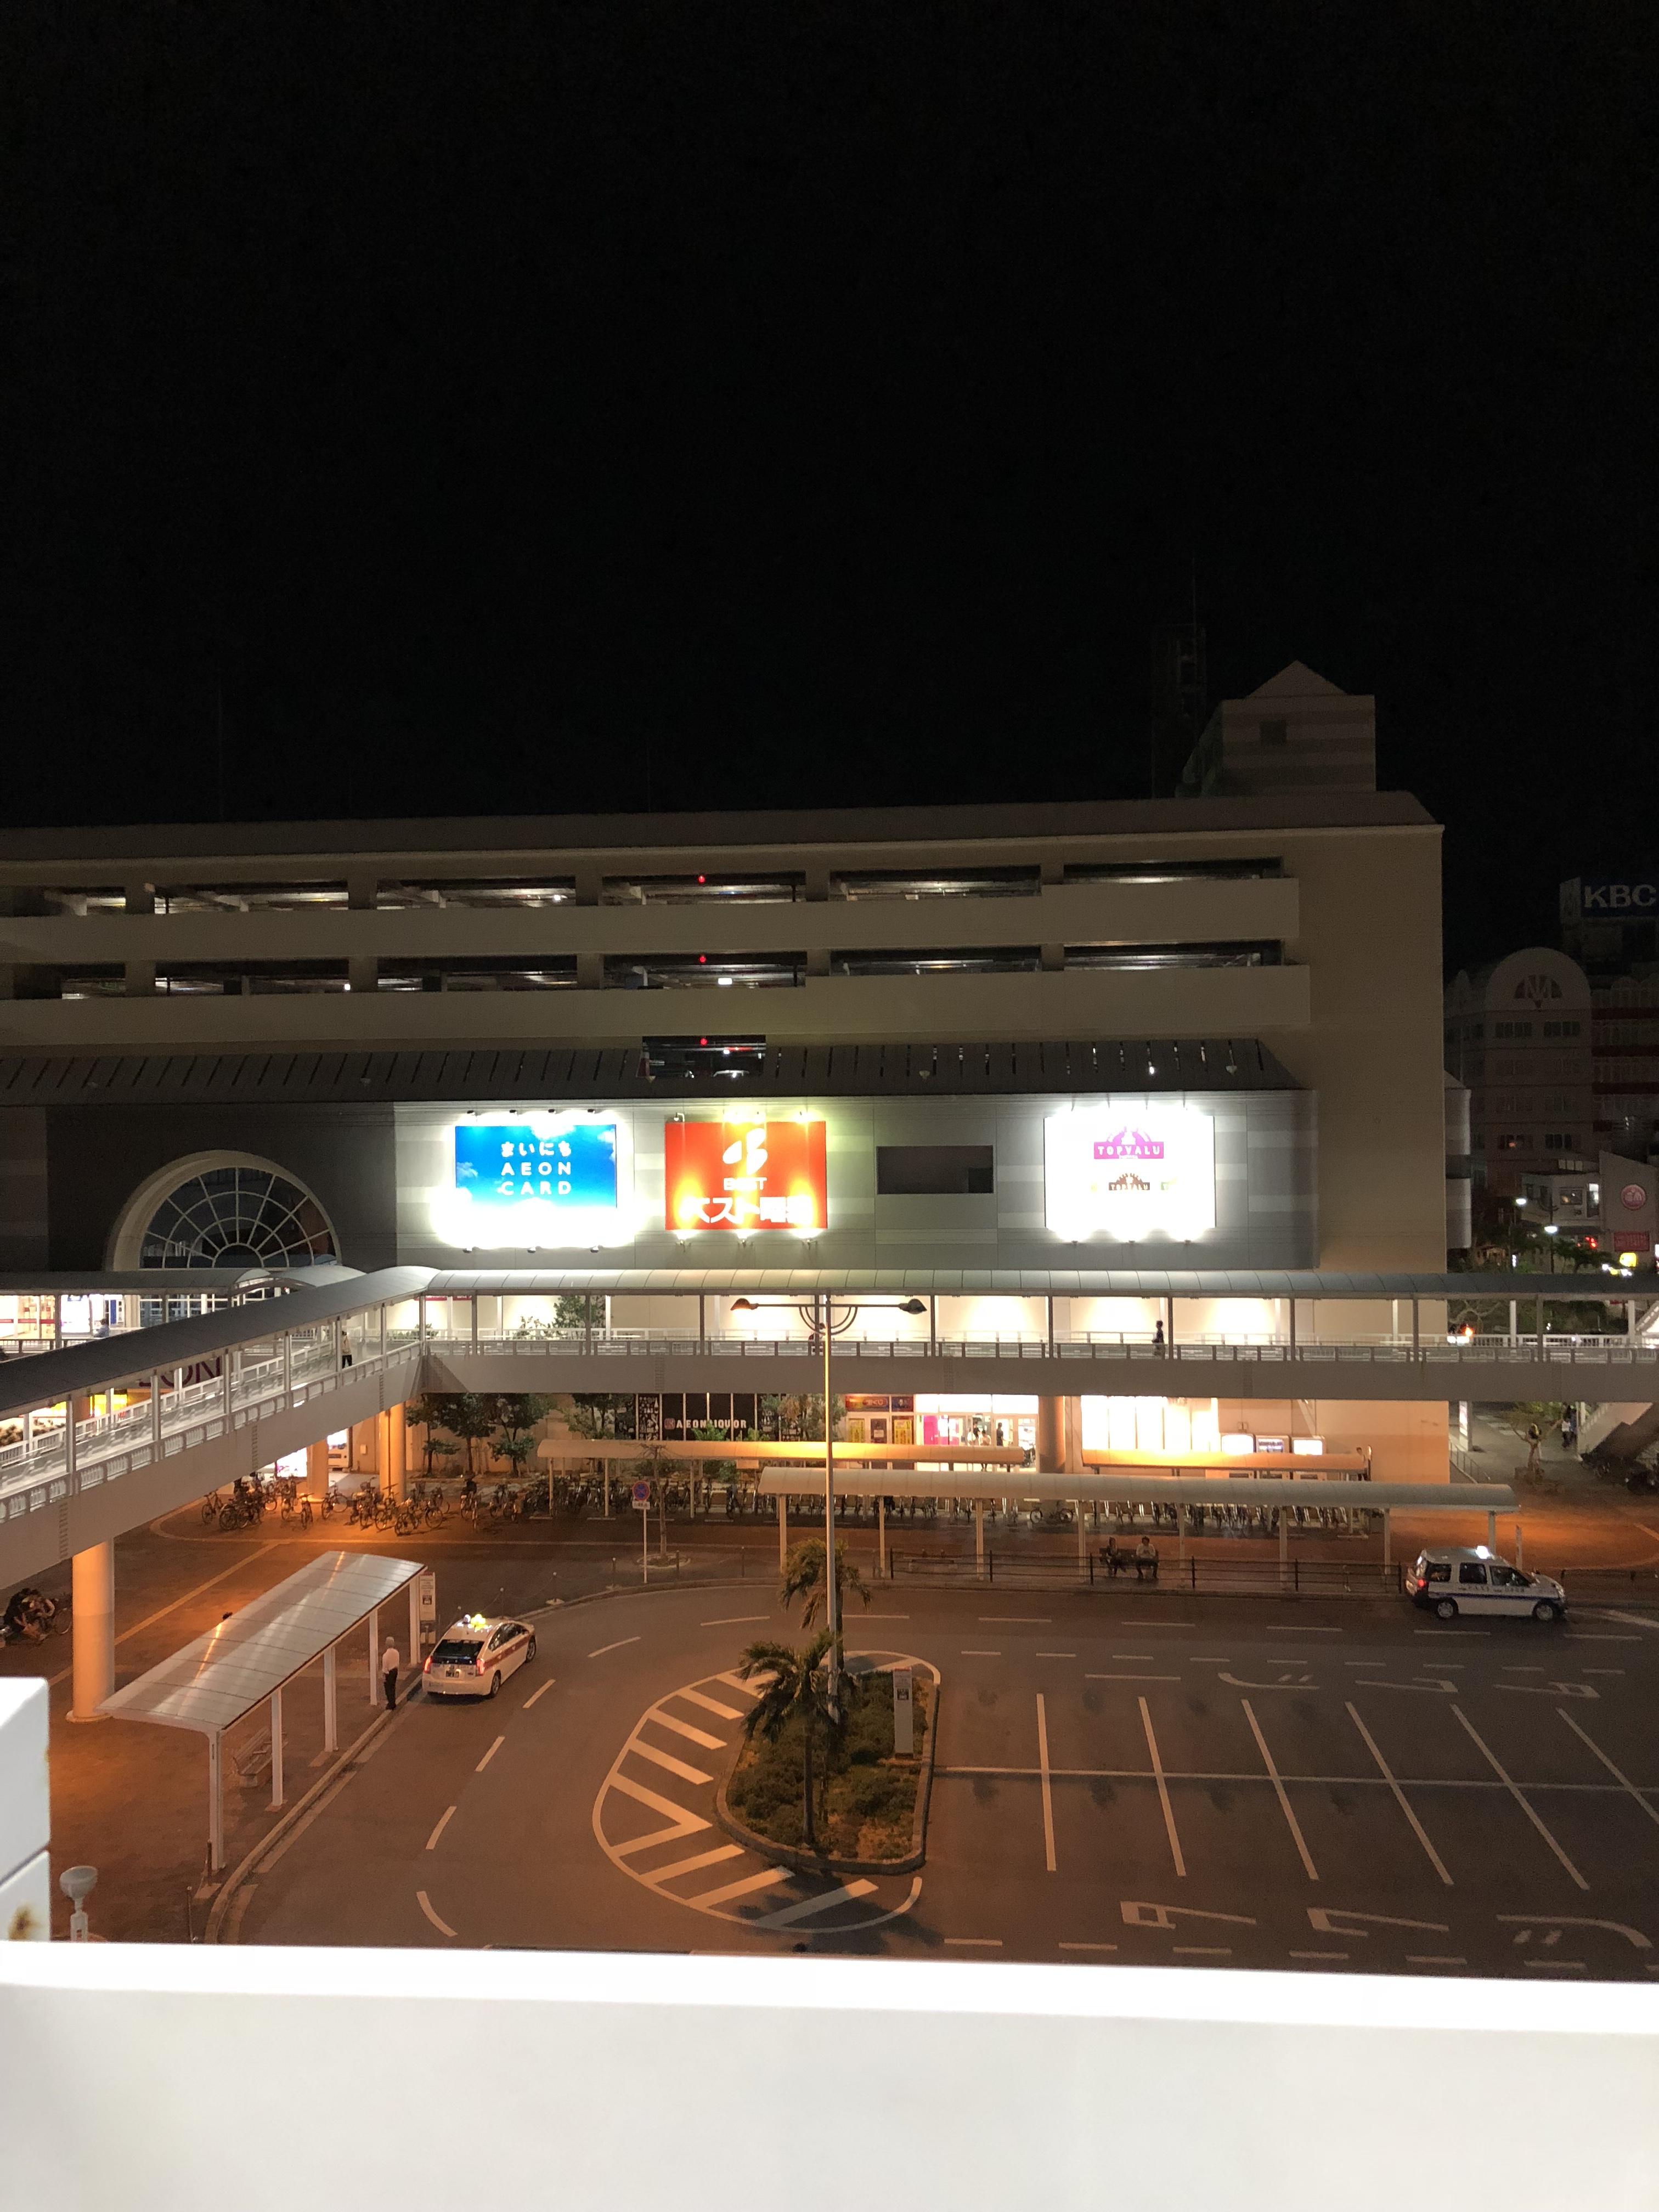 小禄駅のホームからの眺め。空はもう暗くなっている。